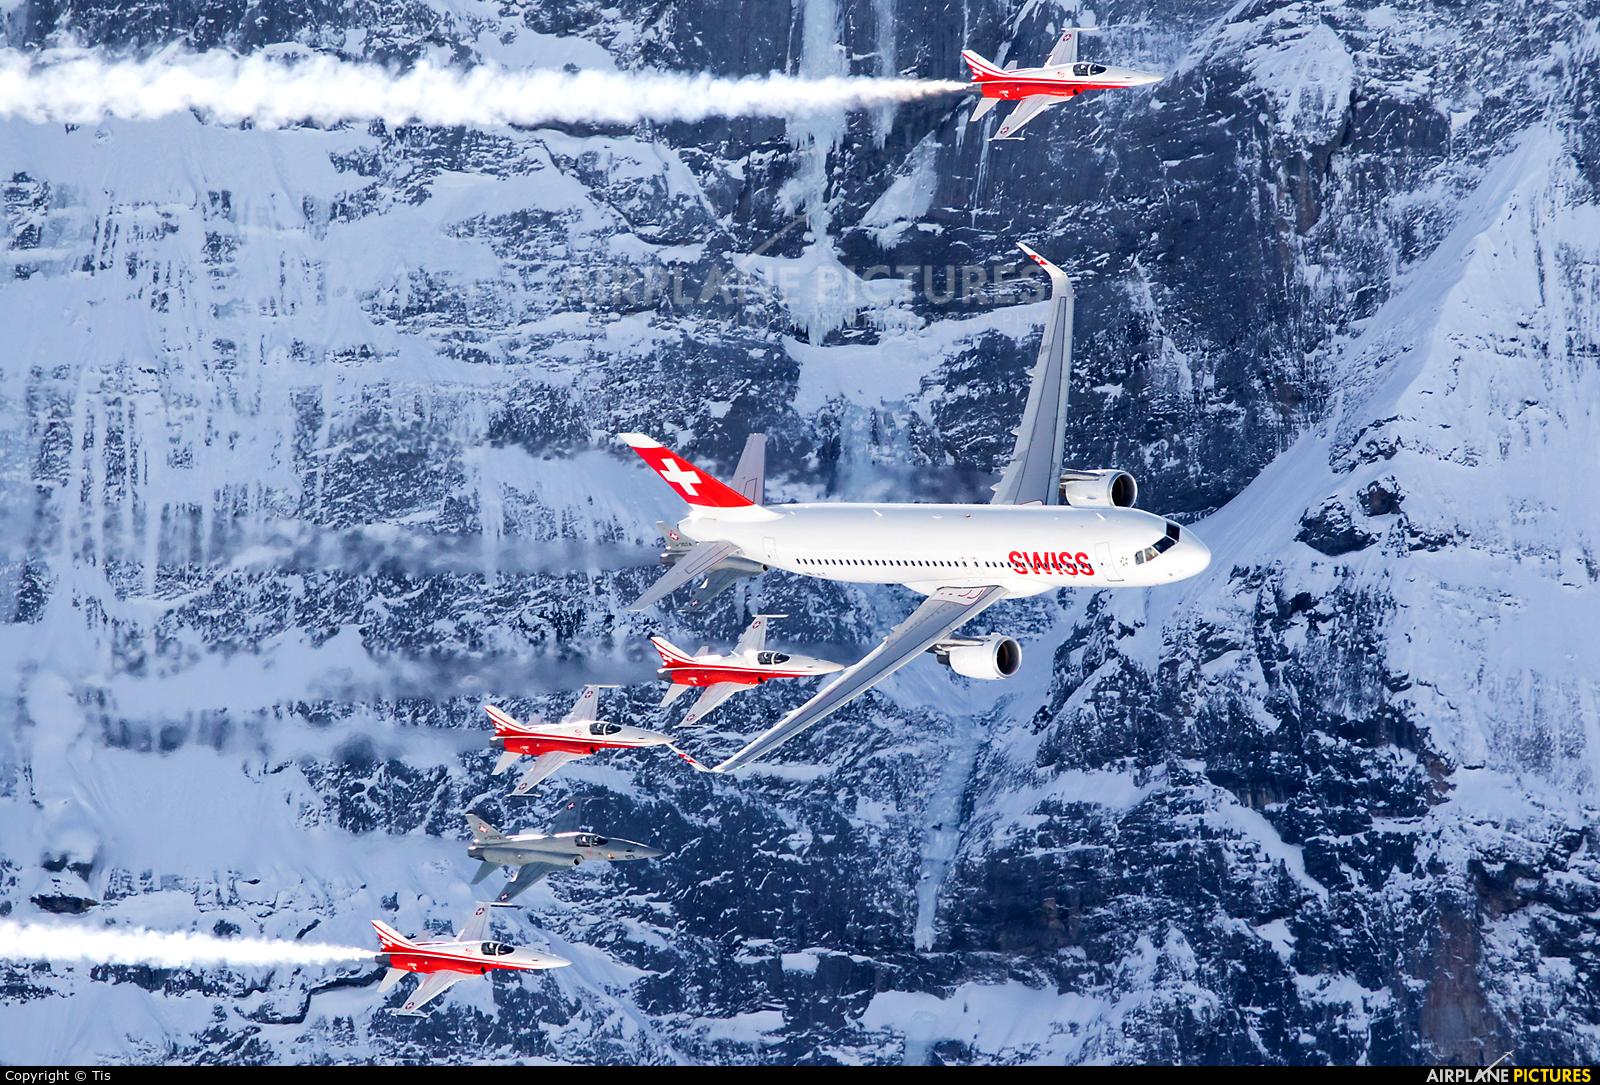 Swiss HB-JLT aircraft at Lauberhorn